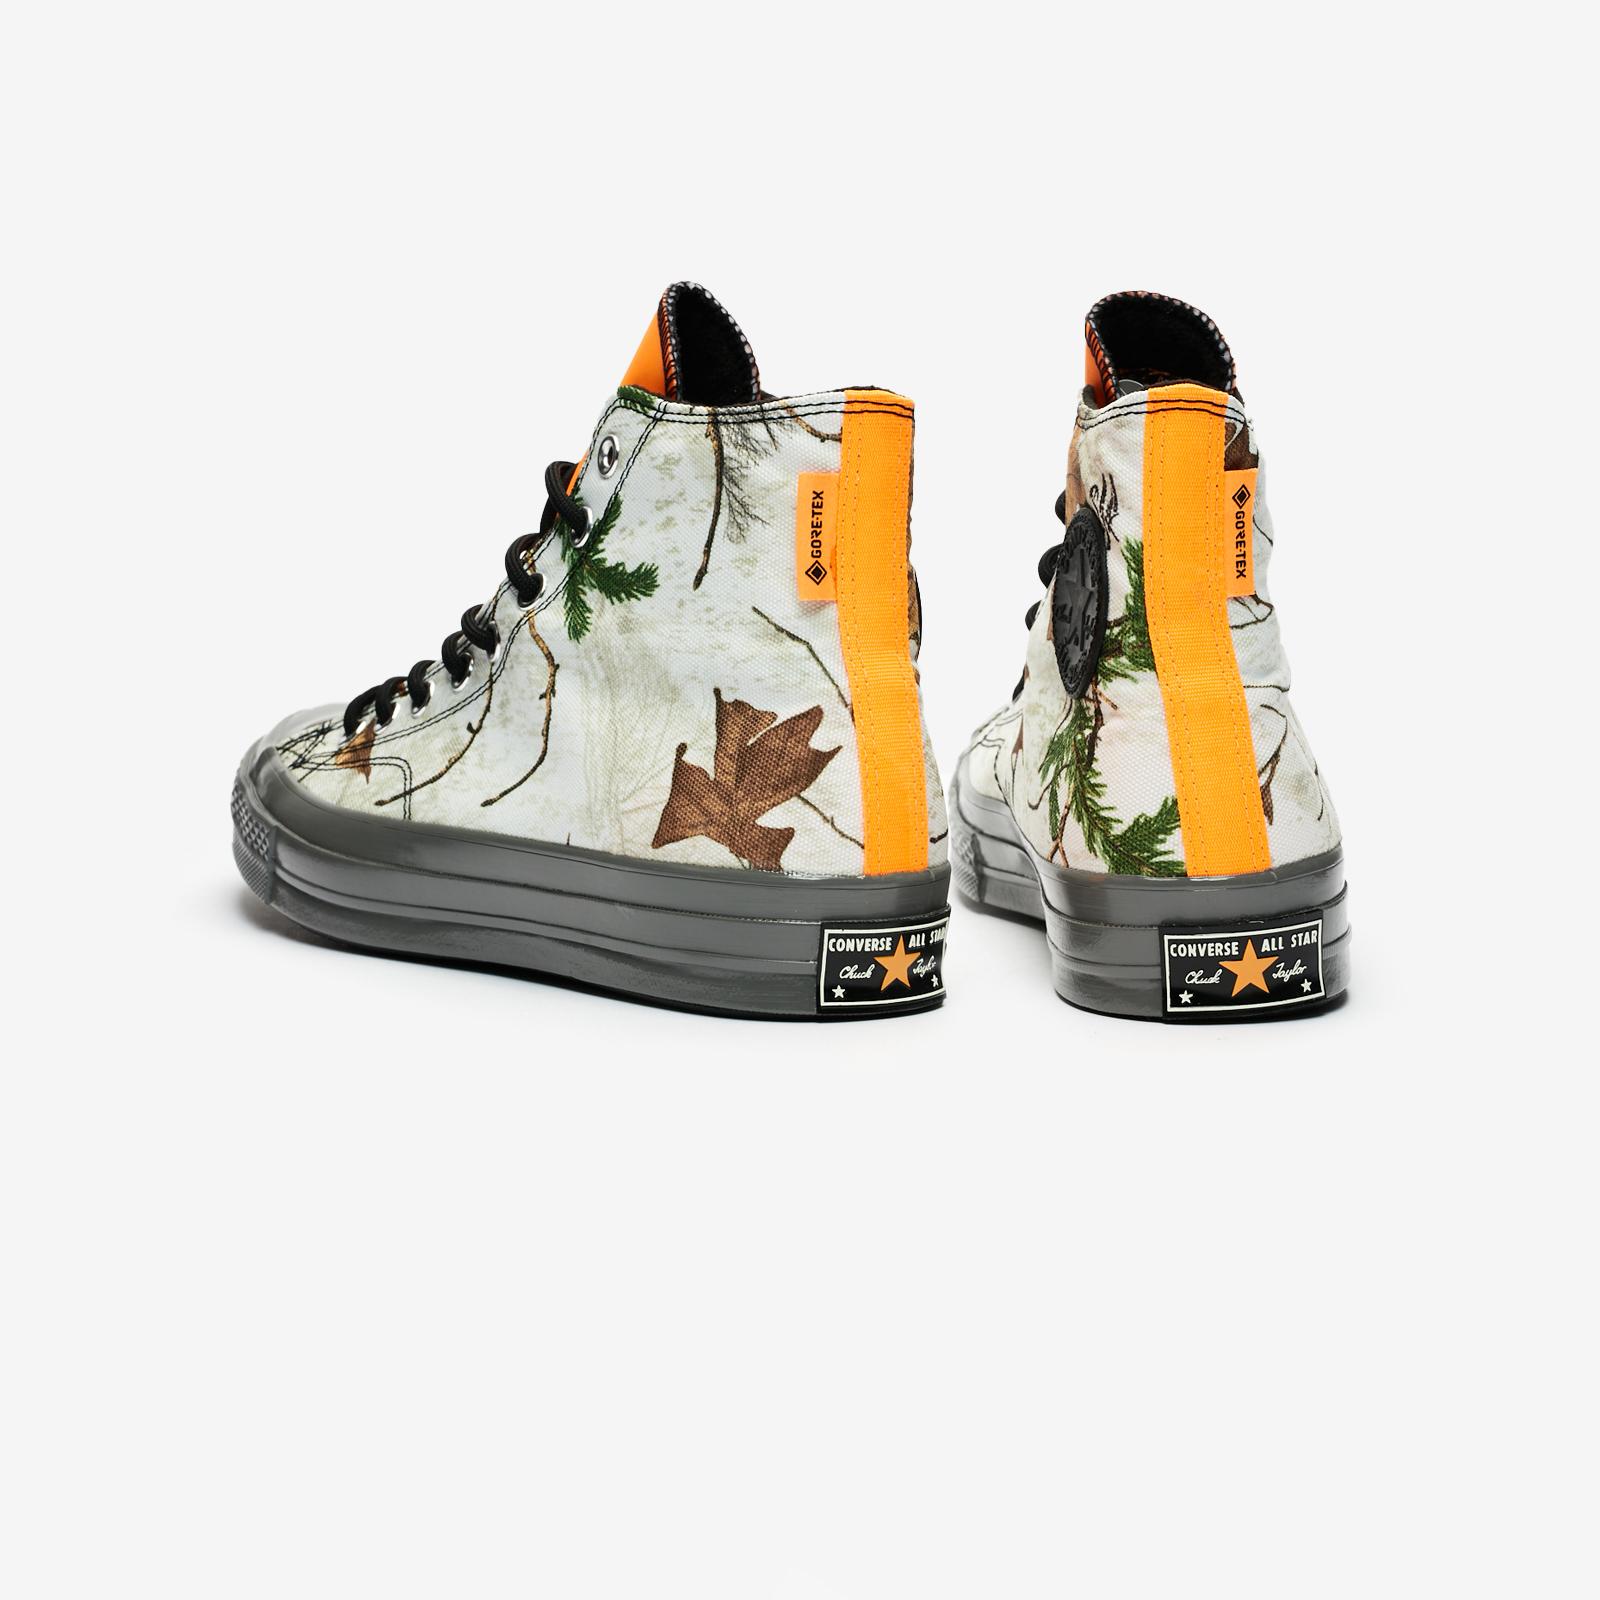 Converse Chuck 70 Gore-Tex Hi - 169365c - SNS | sneakers ...